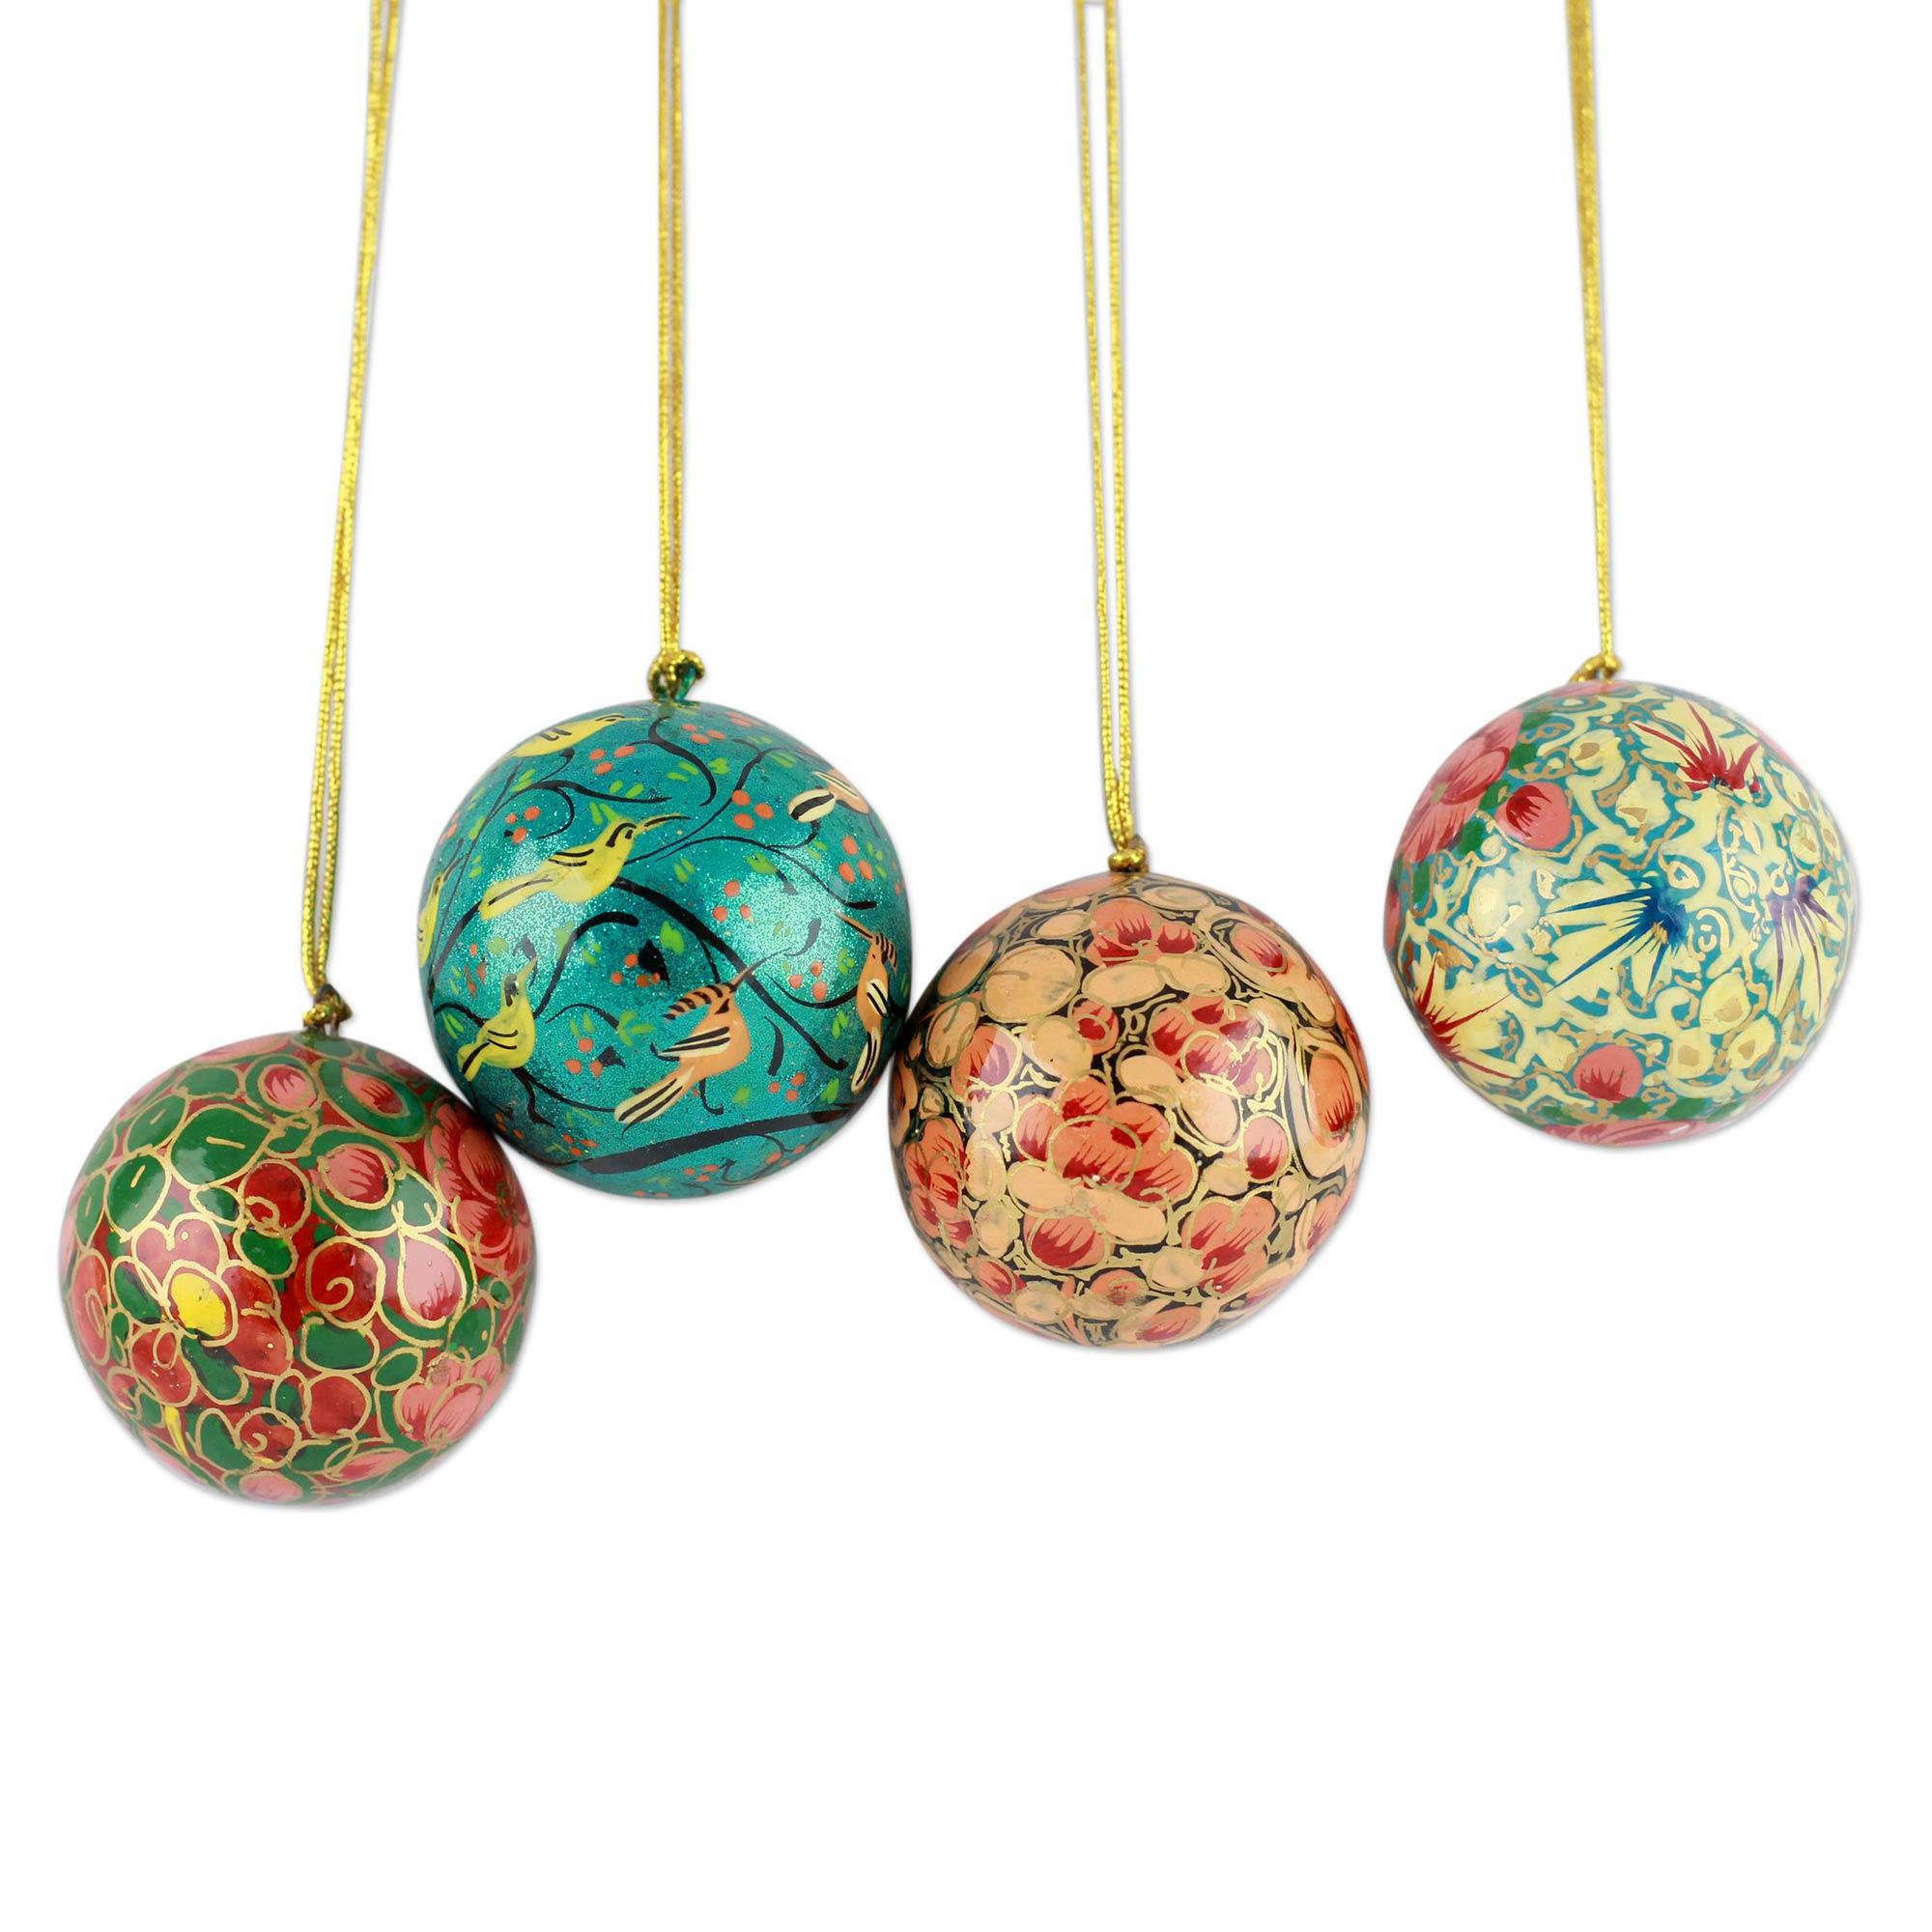 India Handmade Papier Mache Christmas Ornaments (set Of 4)  Christmas Joy   Novica